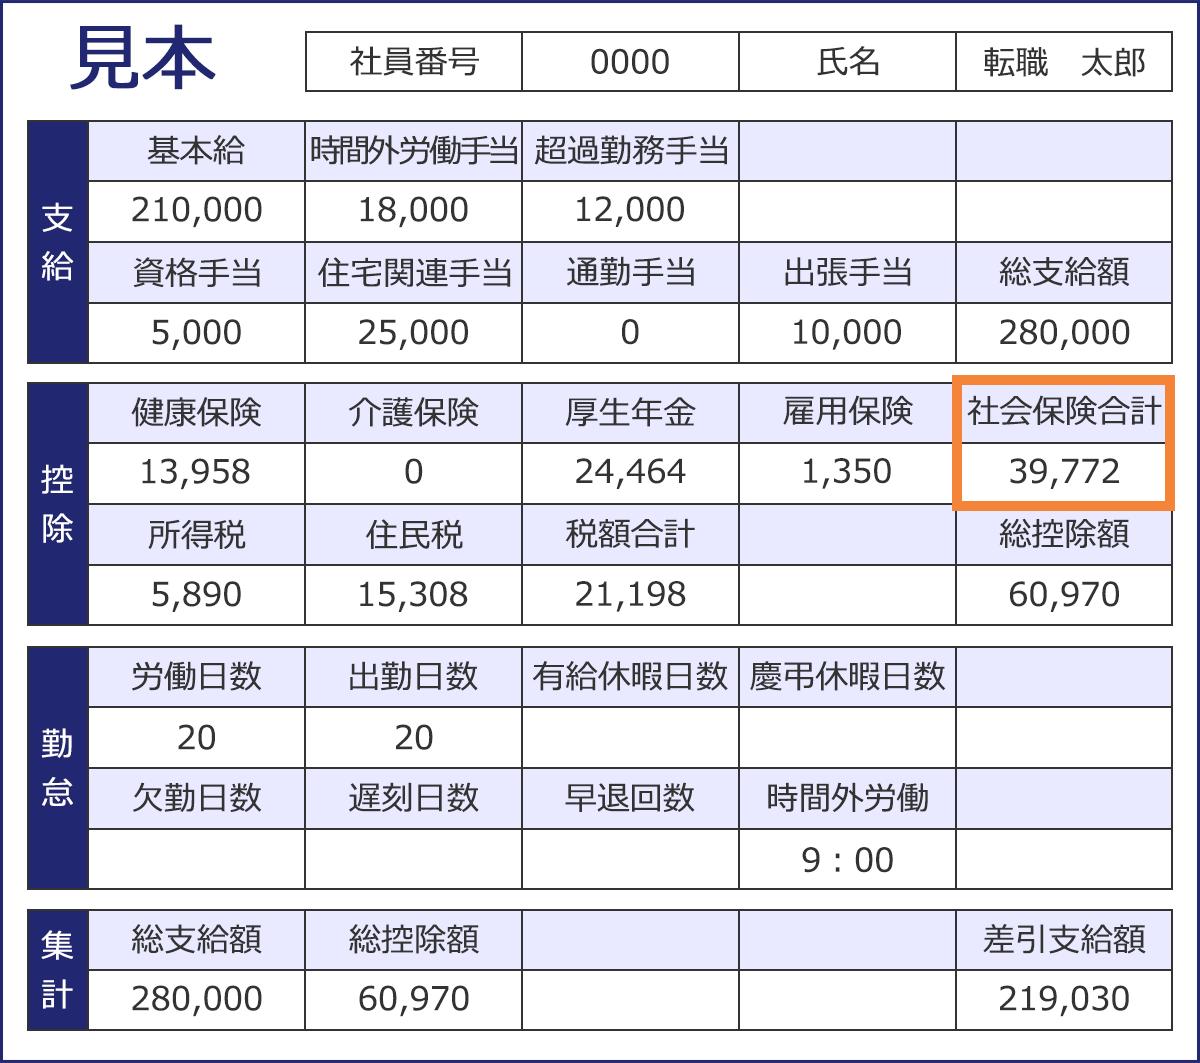 【給与明細の見本】